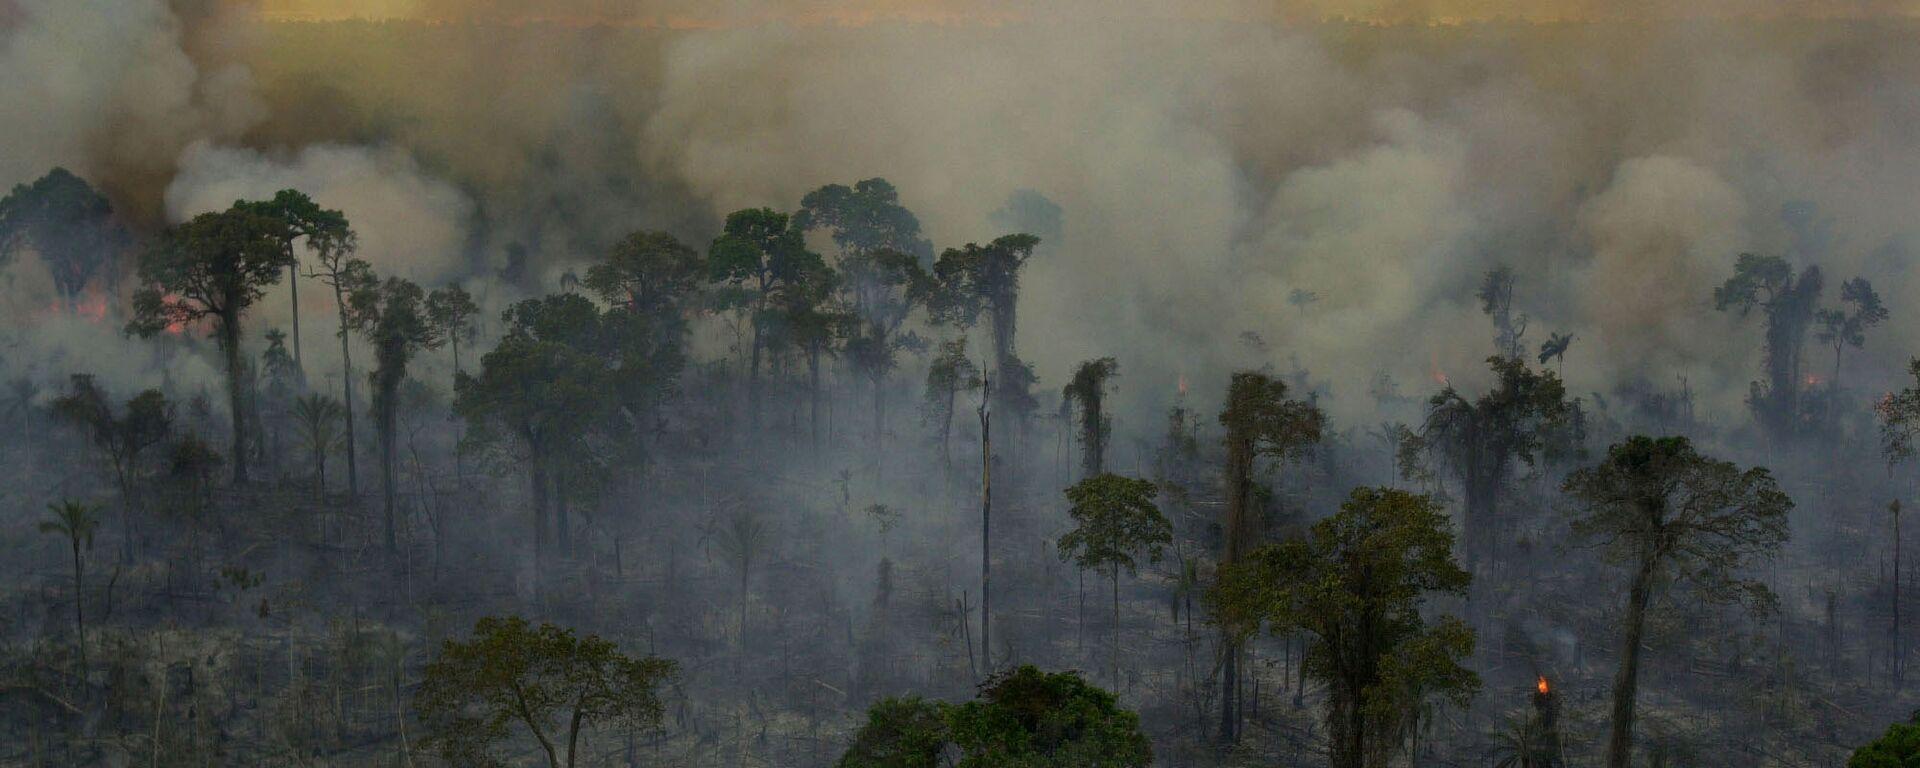 Incendios forestales en la Amazonía brasileña (archivo) - Sputnik Mundo, 1920, 01.07.2021